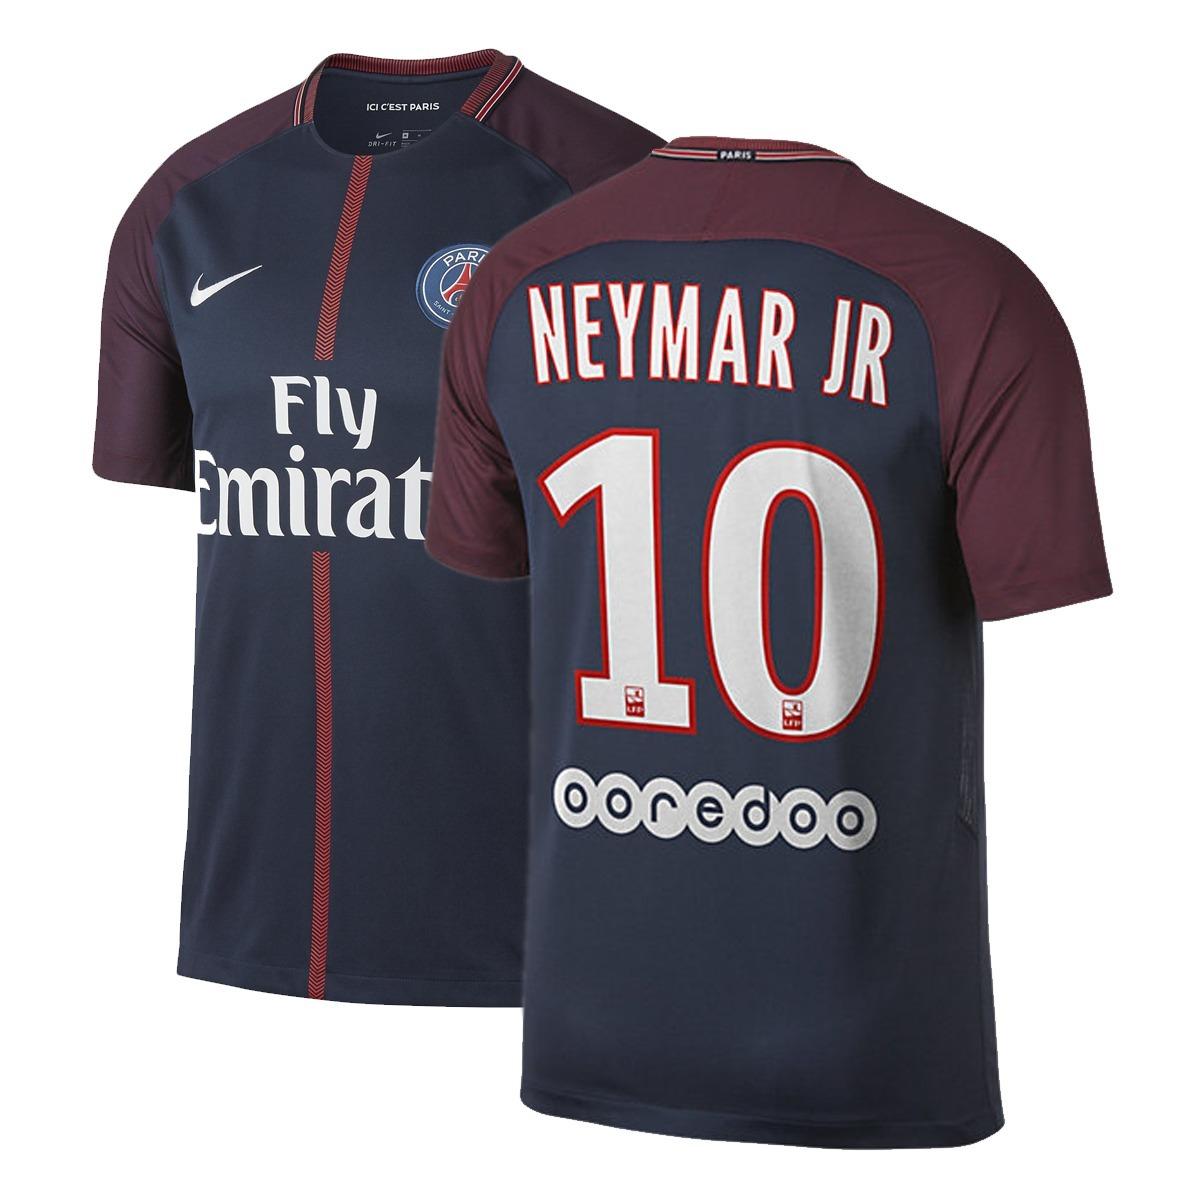 a2cb65588 camisa paris saint germain psg 17 18 neymar 10 nike. Carregando zoom.